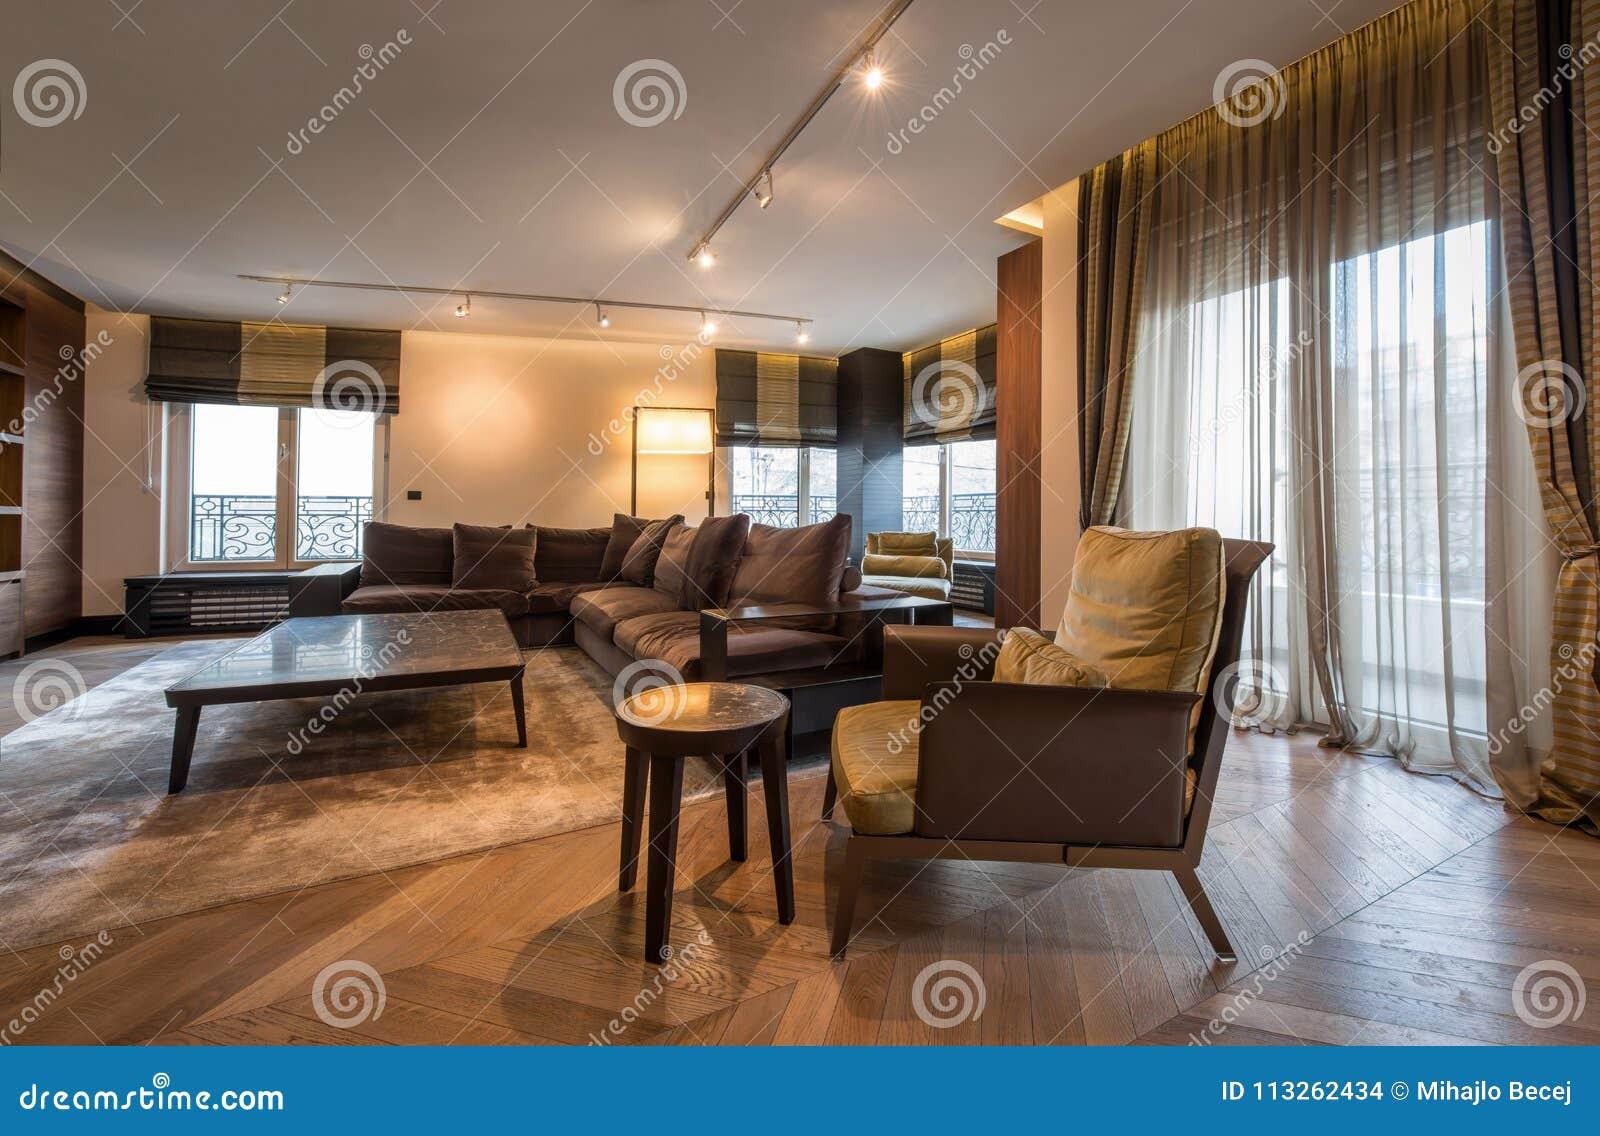 Interni Moderni Di Case : Interno di un appartamento di lusso salone aperto moderno di